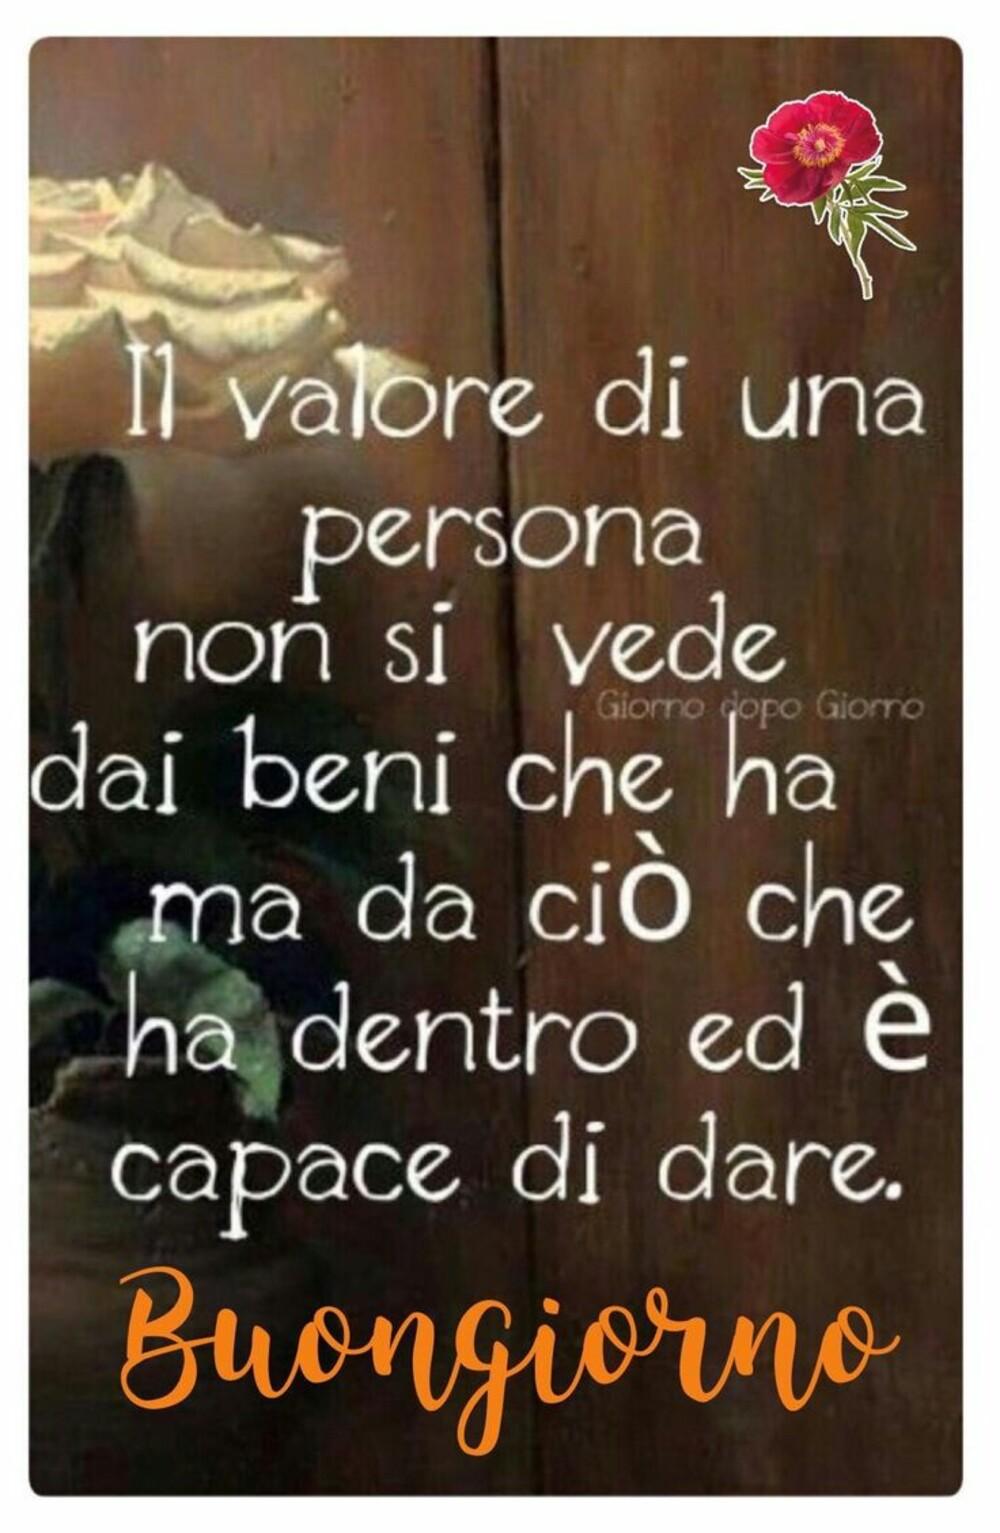 Il valore di una persona non si vede dai beni che ha ma da ciò che ha dentro ed è capace di dare. Buongiorno